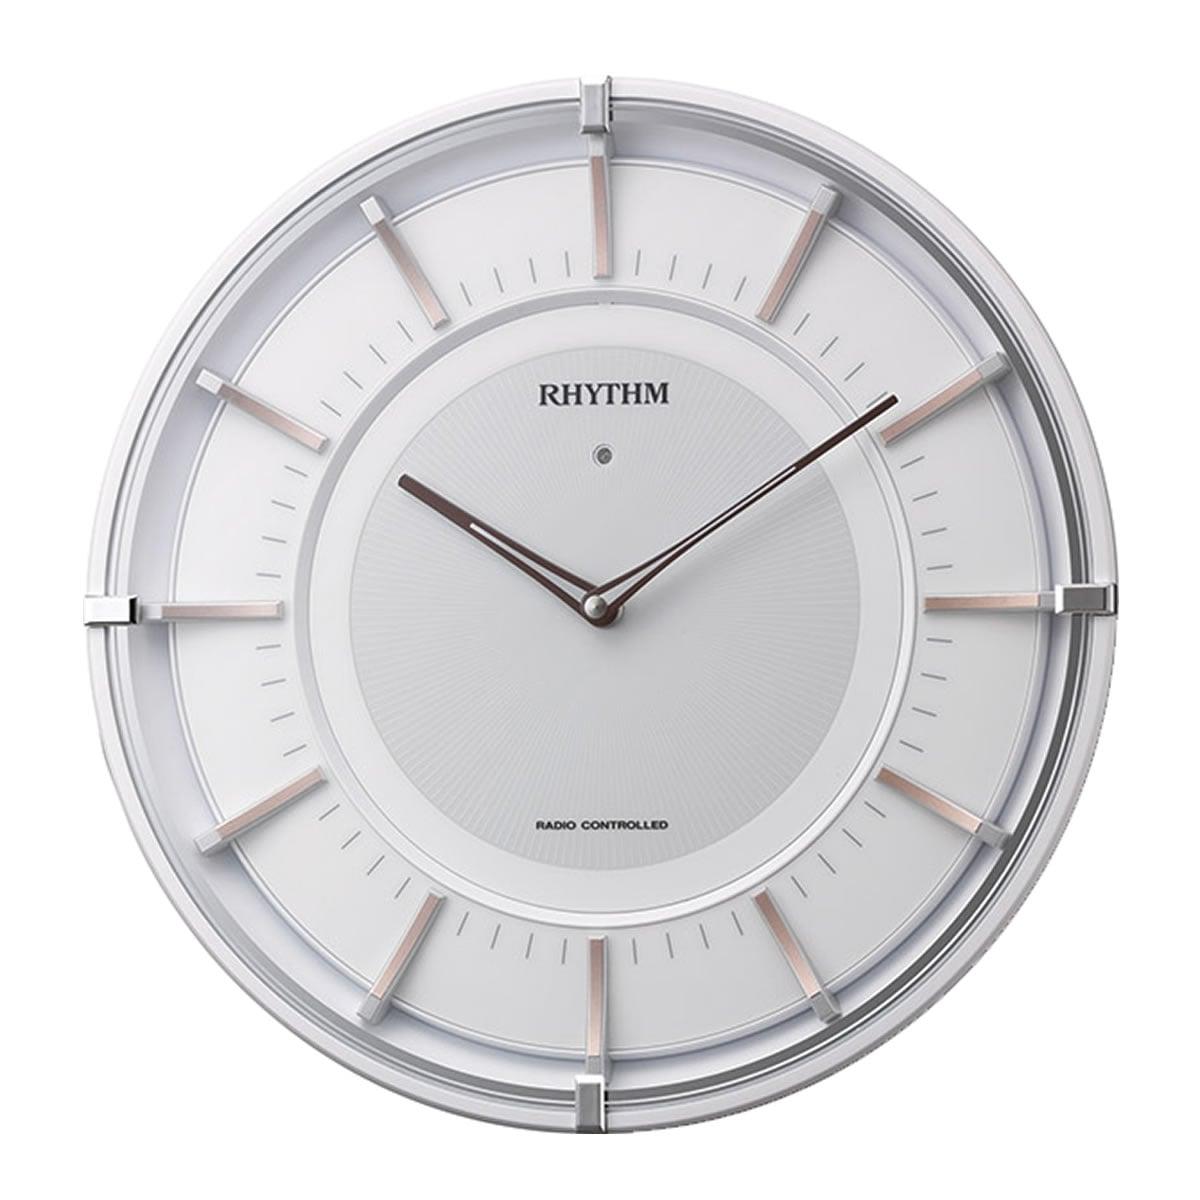 RHYTHM(リズム) ソーラー電波掛け時計 サイレントソーラーM844 4MY844SR13